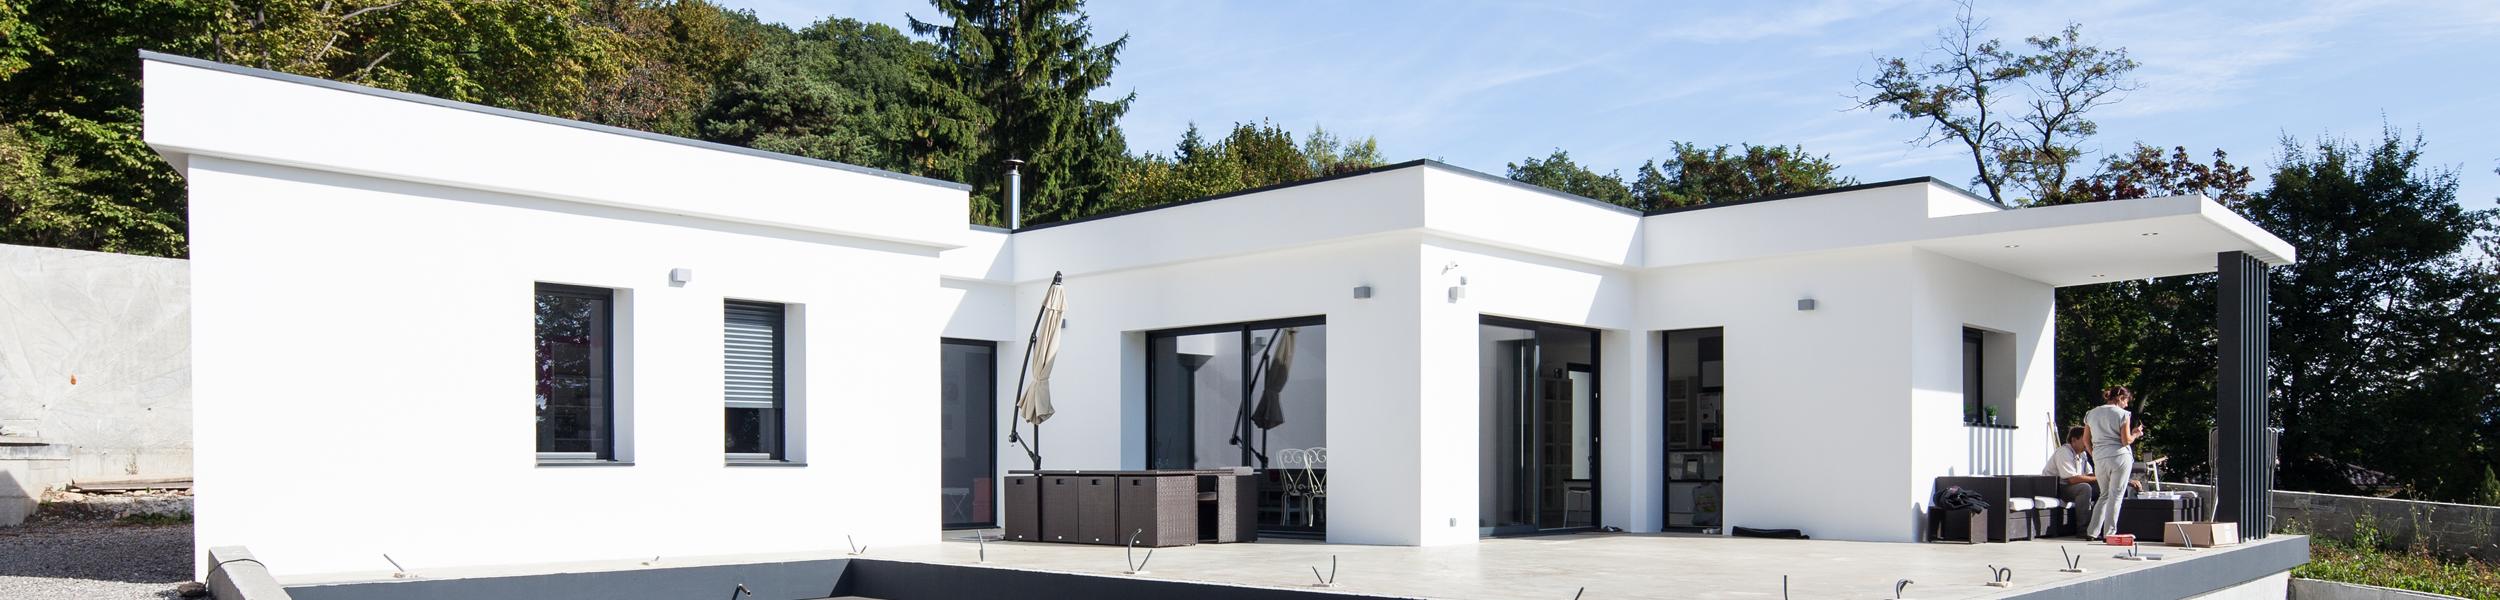 Entreprise Manas - Rénovation Complète à Grenoble